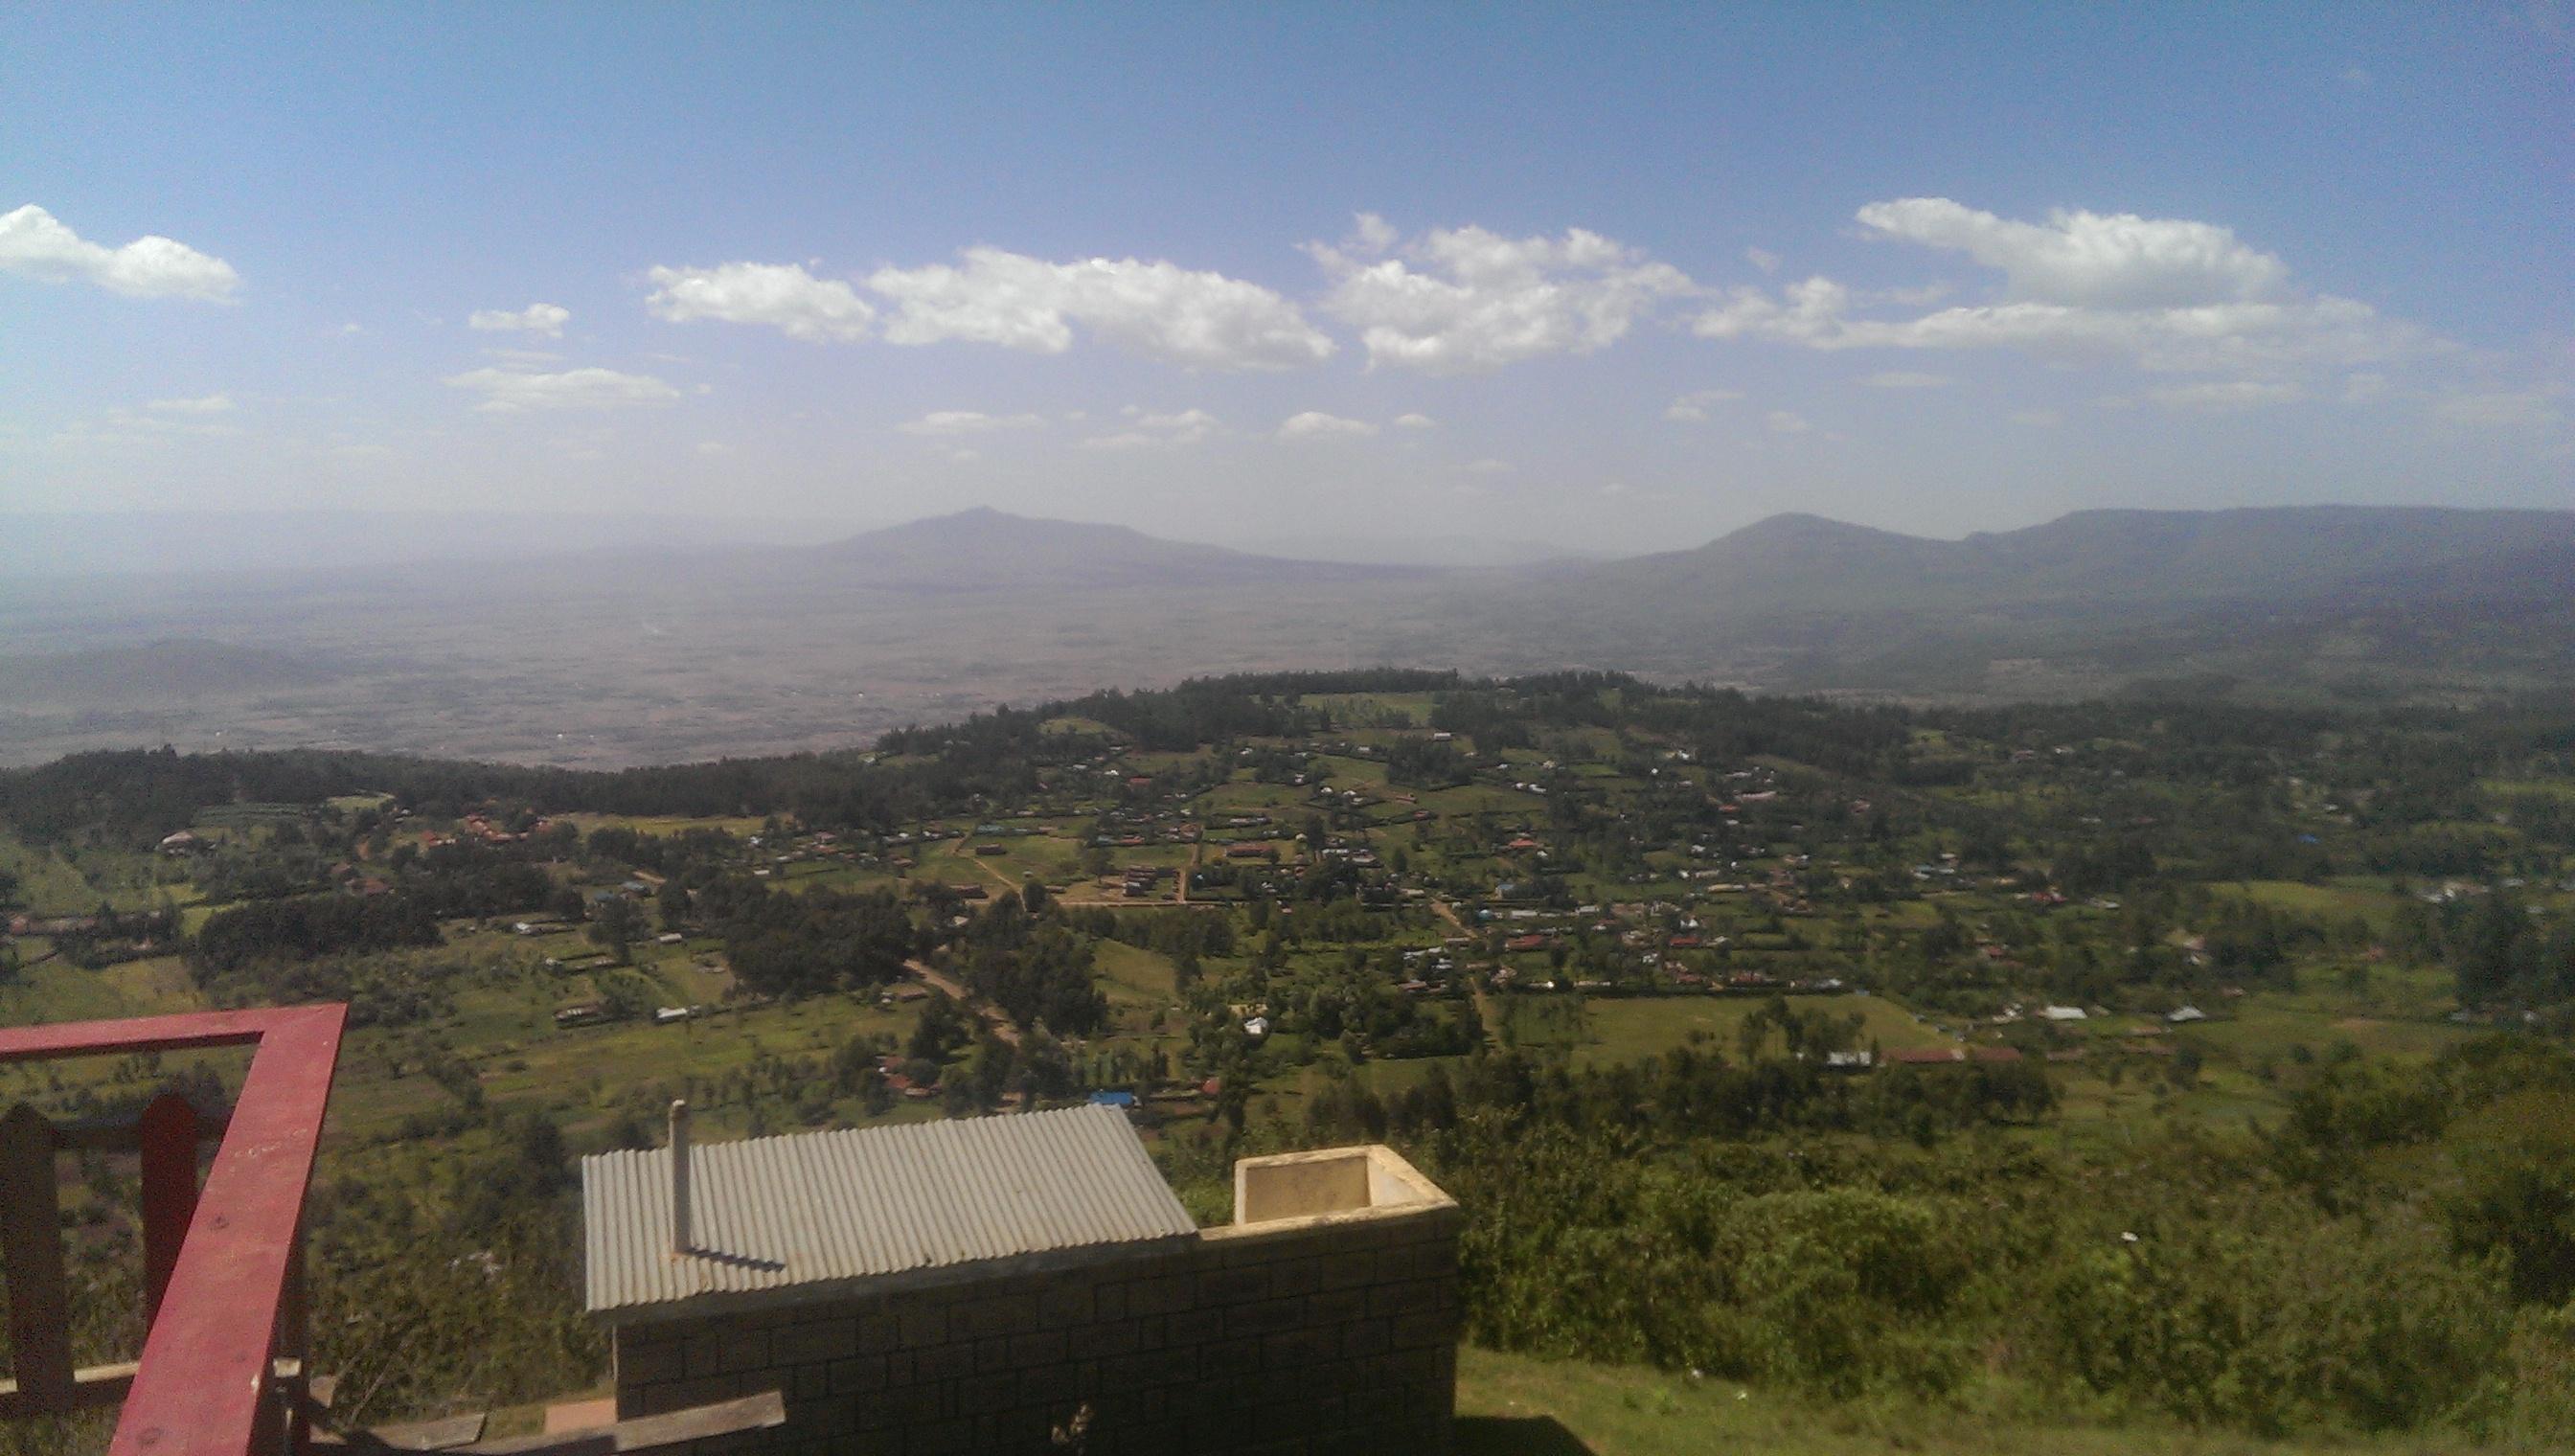 Arrival in Kenya